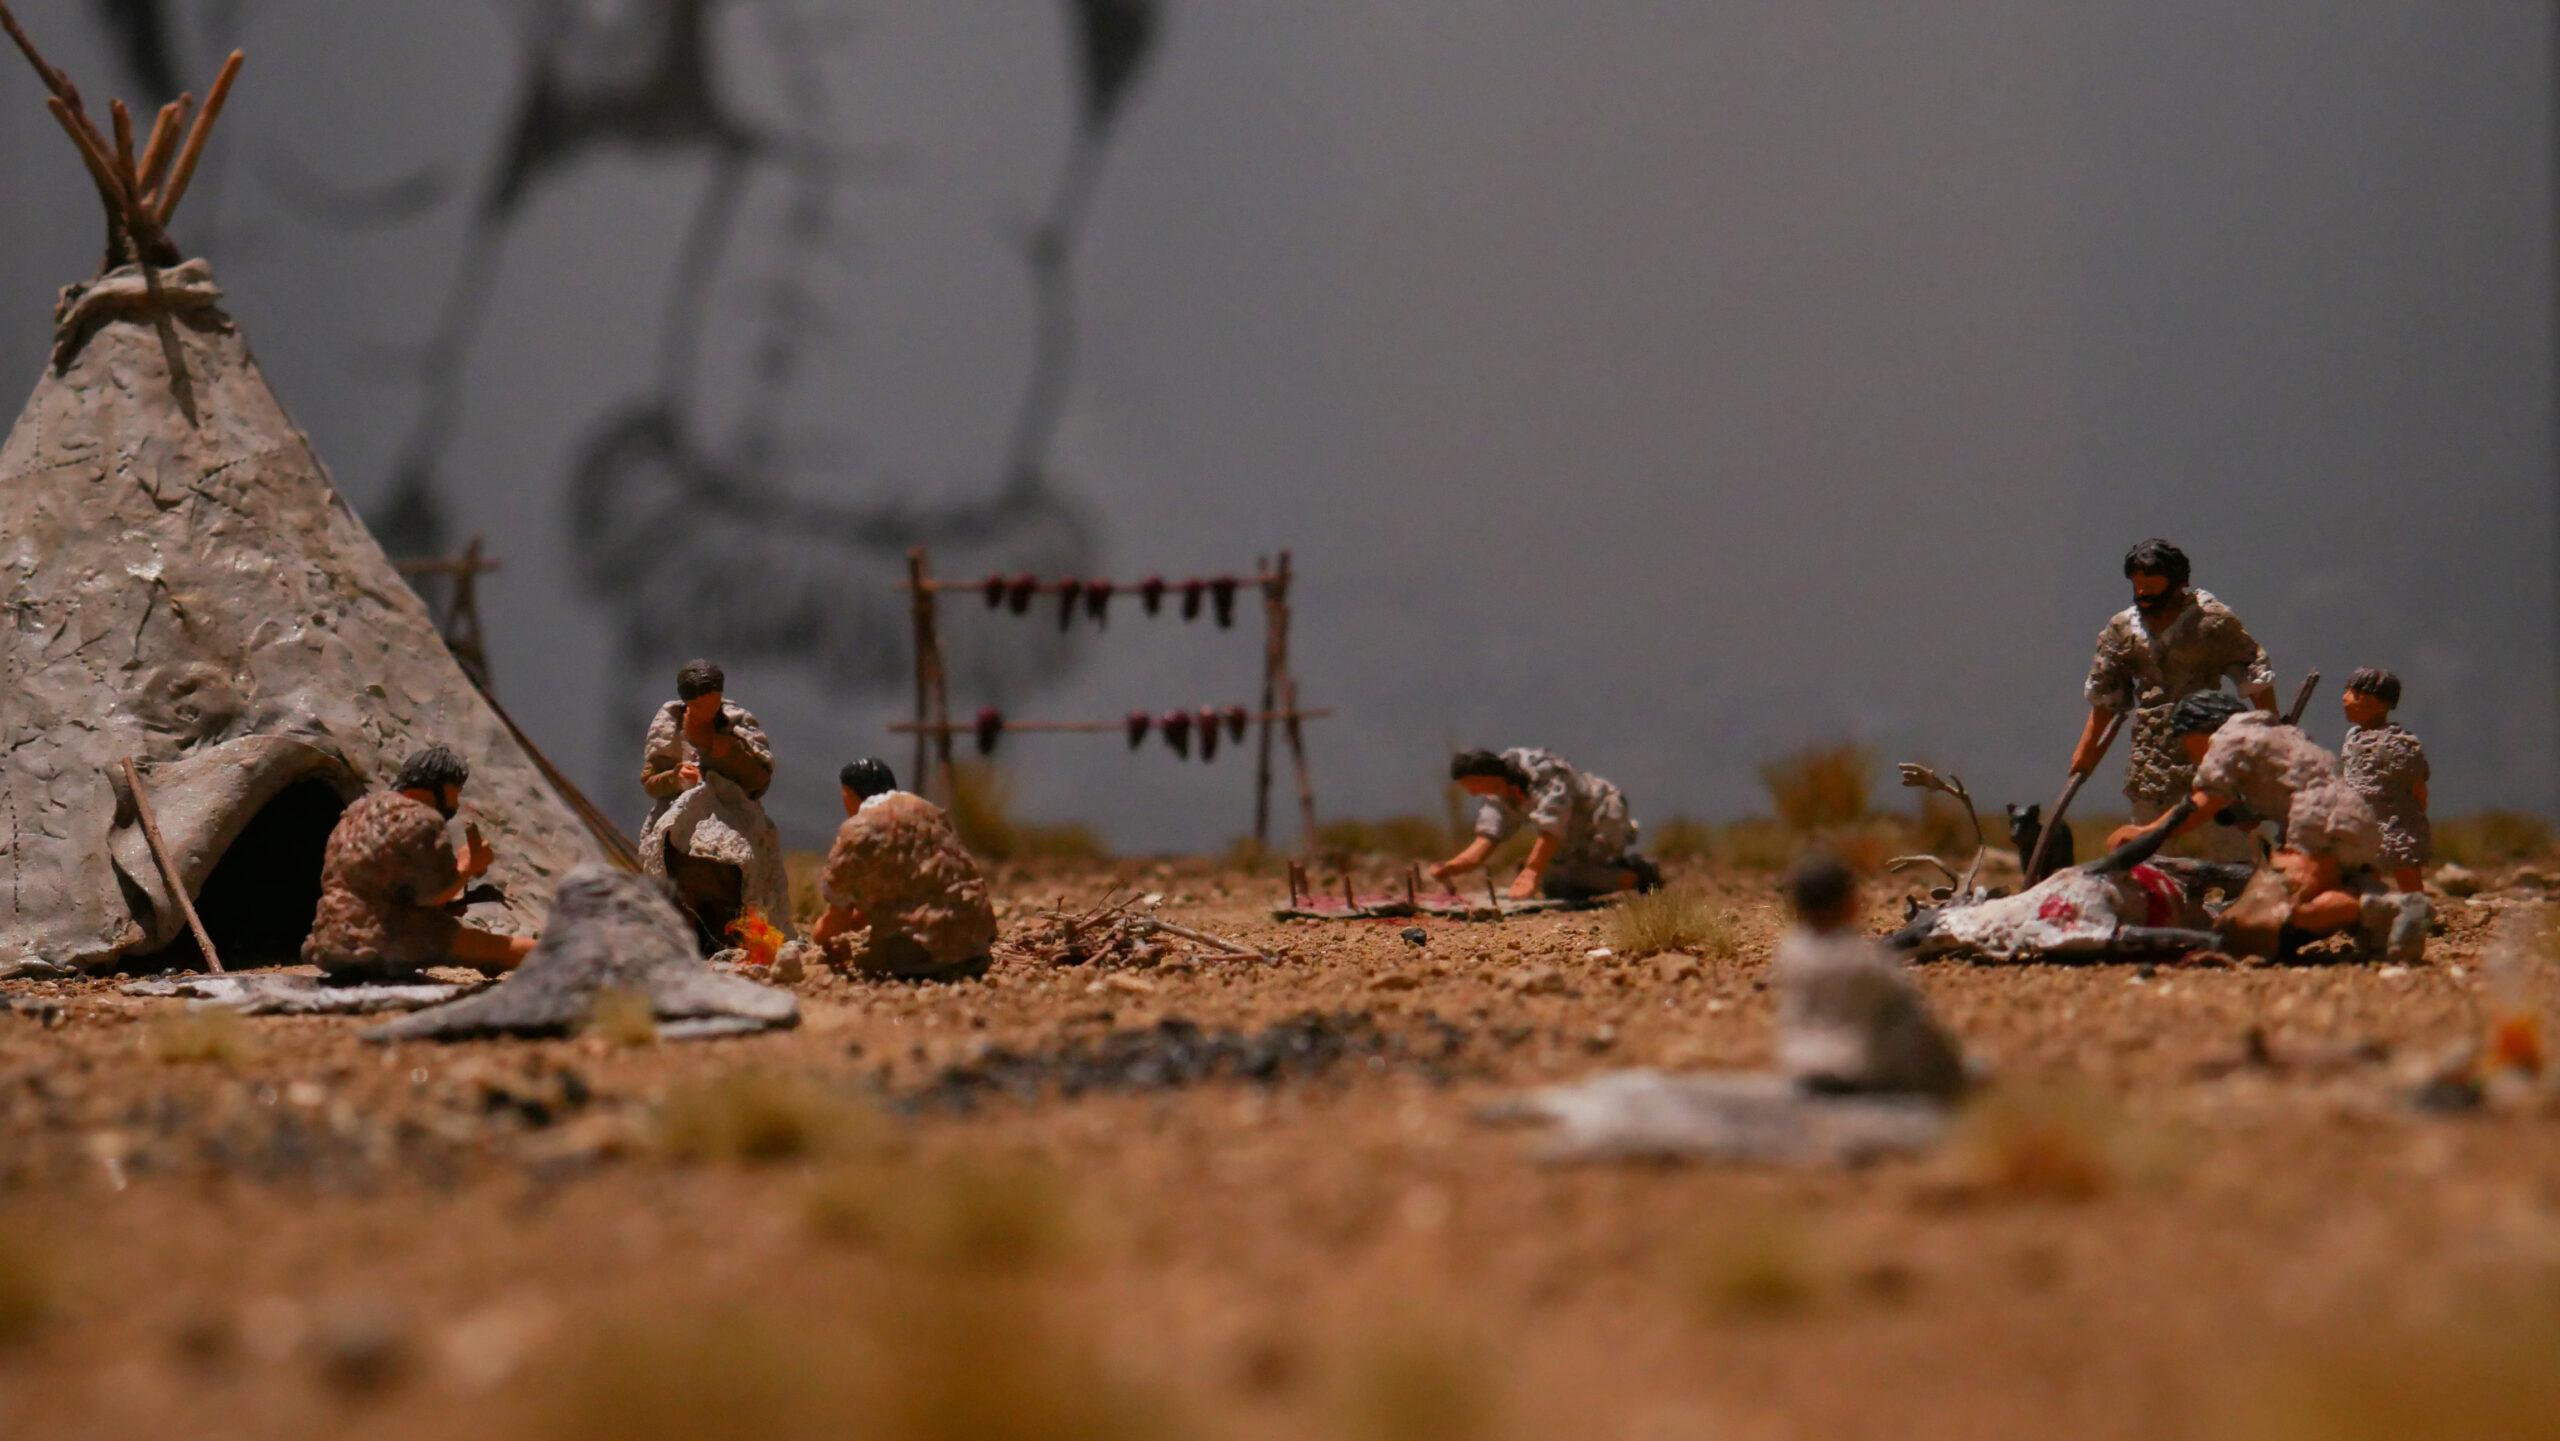 Maquette du campement de chasseurs de rennes de Verberie à l'époque magdalénienne (-12 500), réalisée par l'atelier Art du Petit